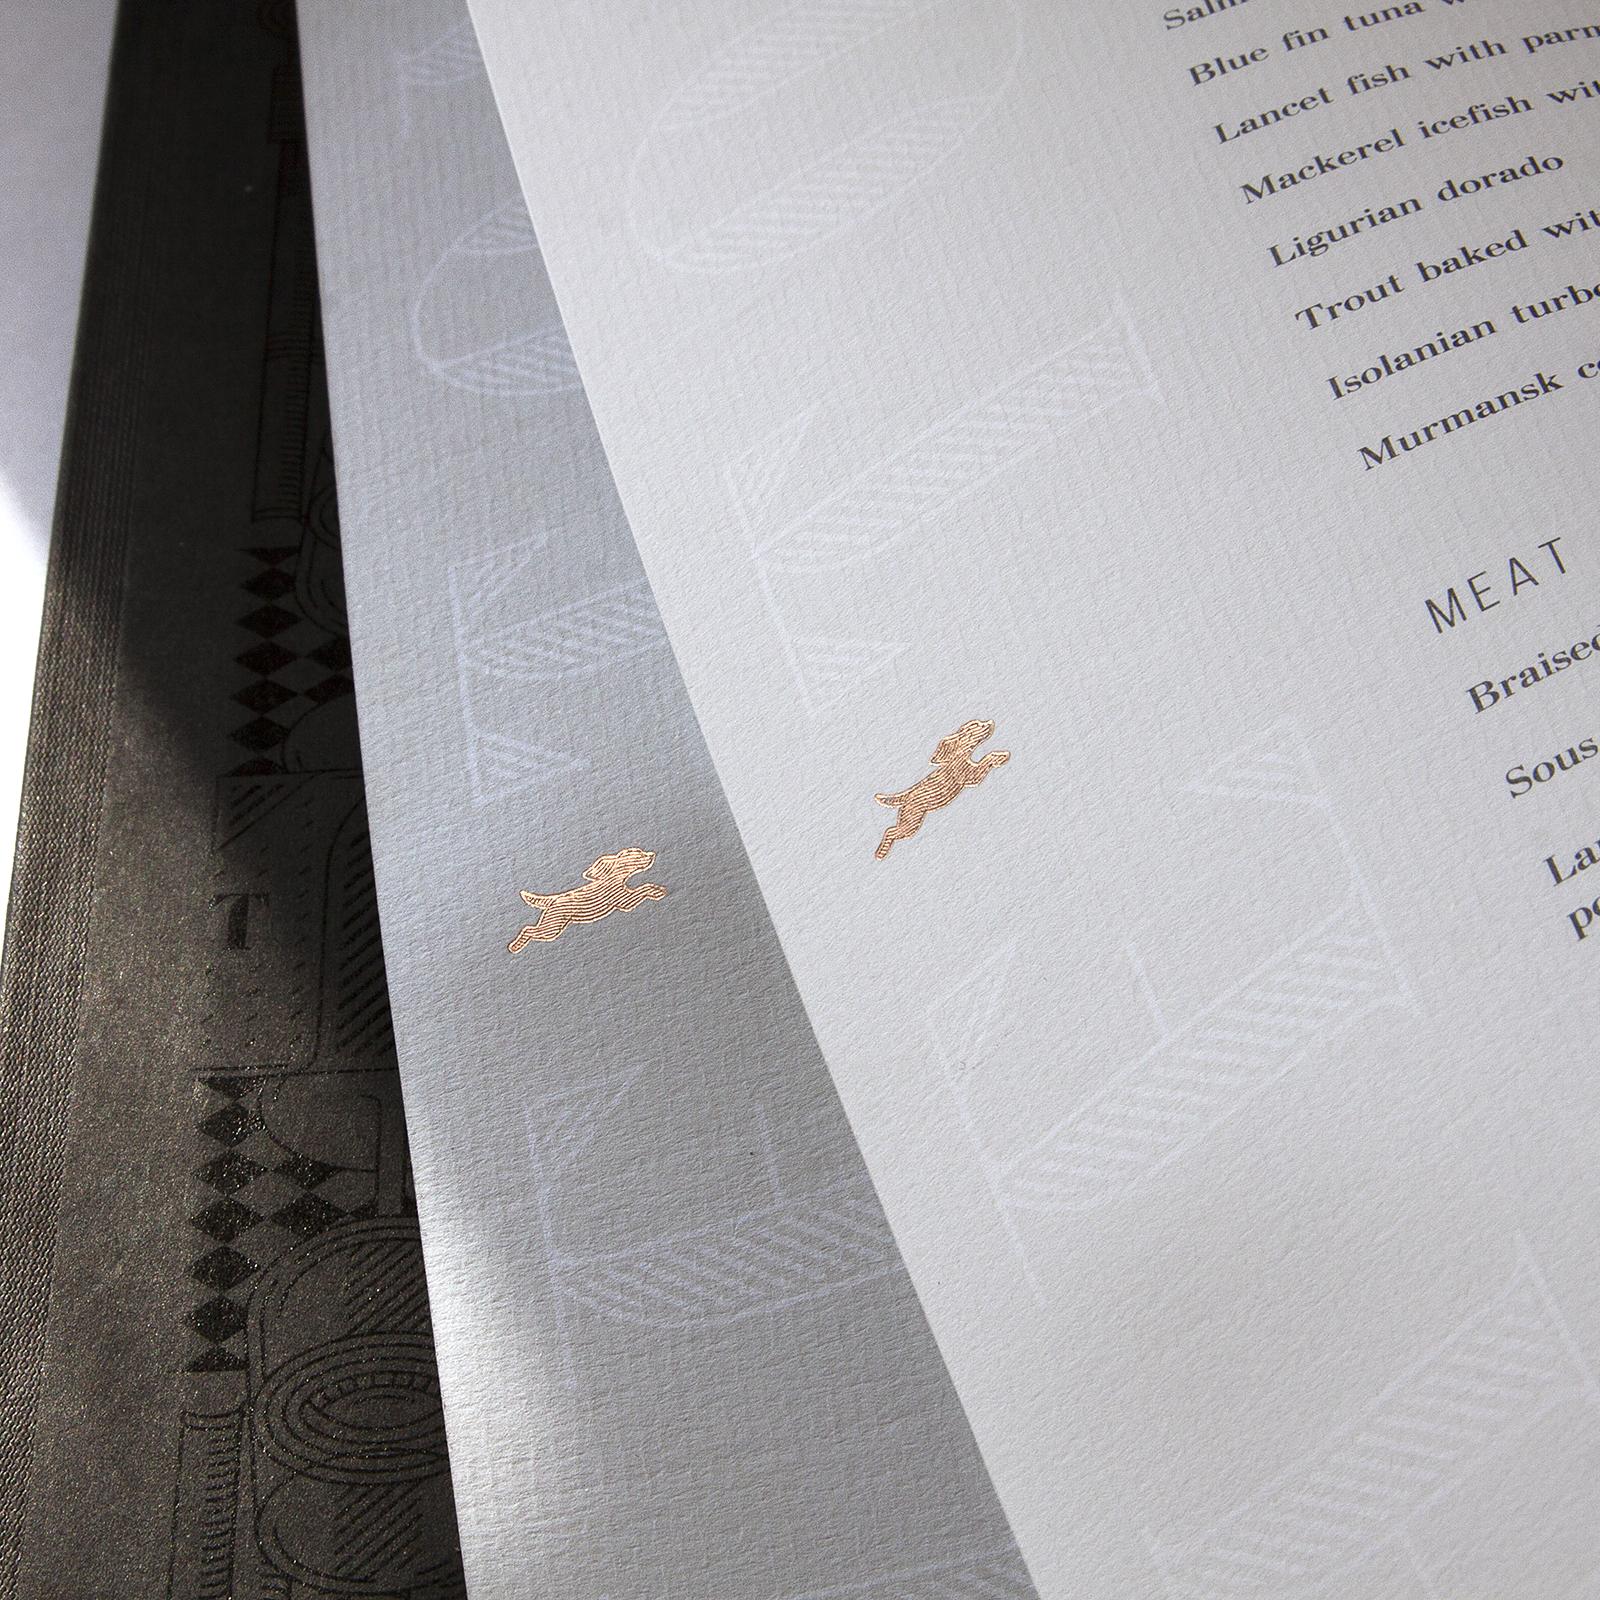 The Toy папка меню и комплекс полиграфии